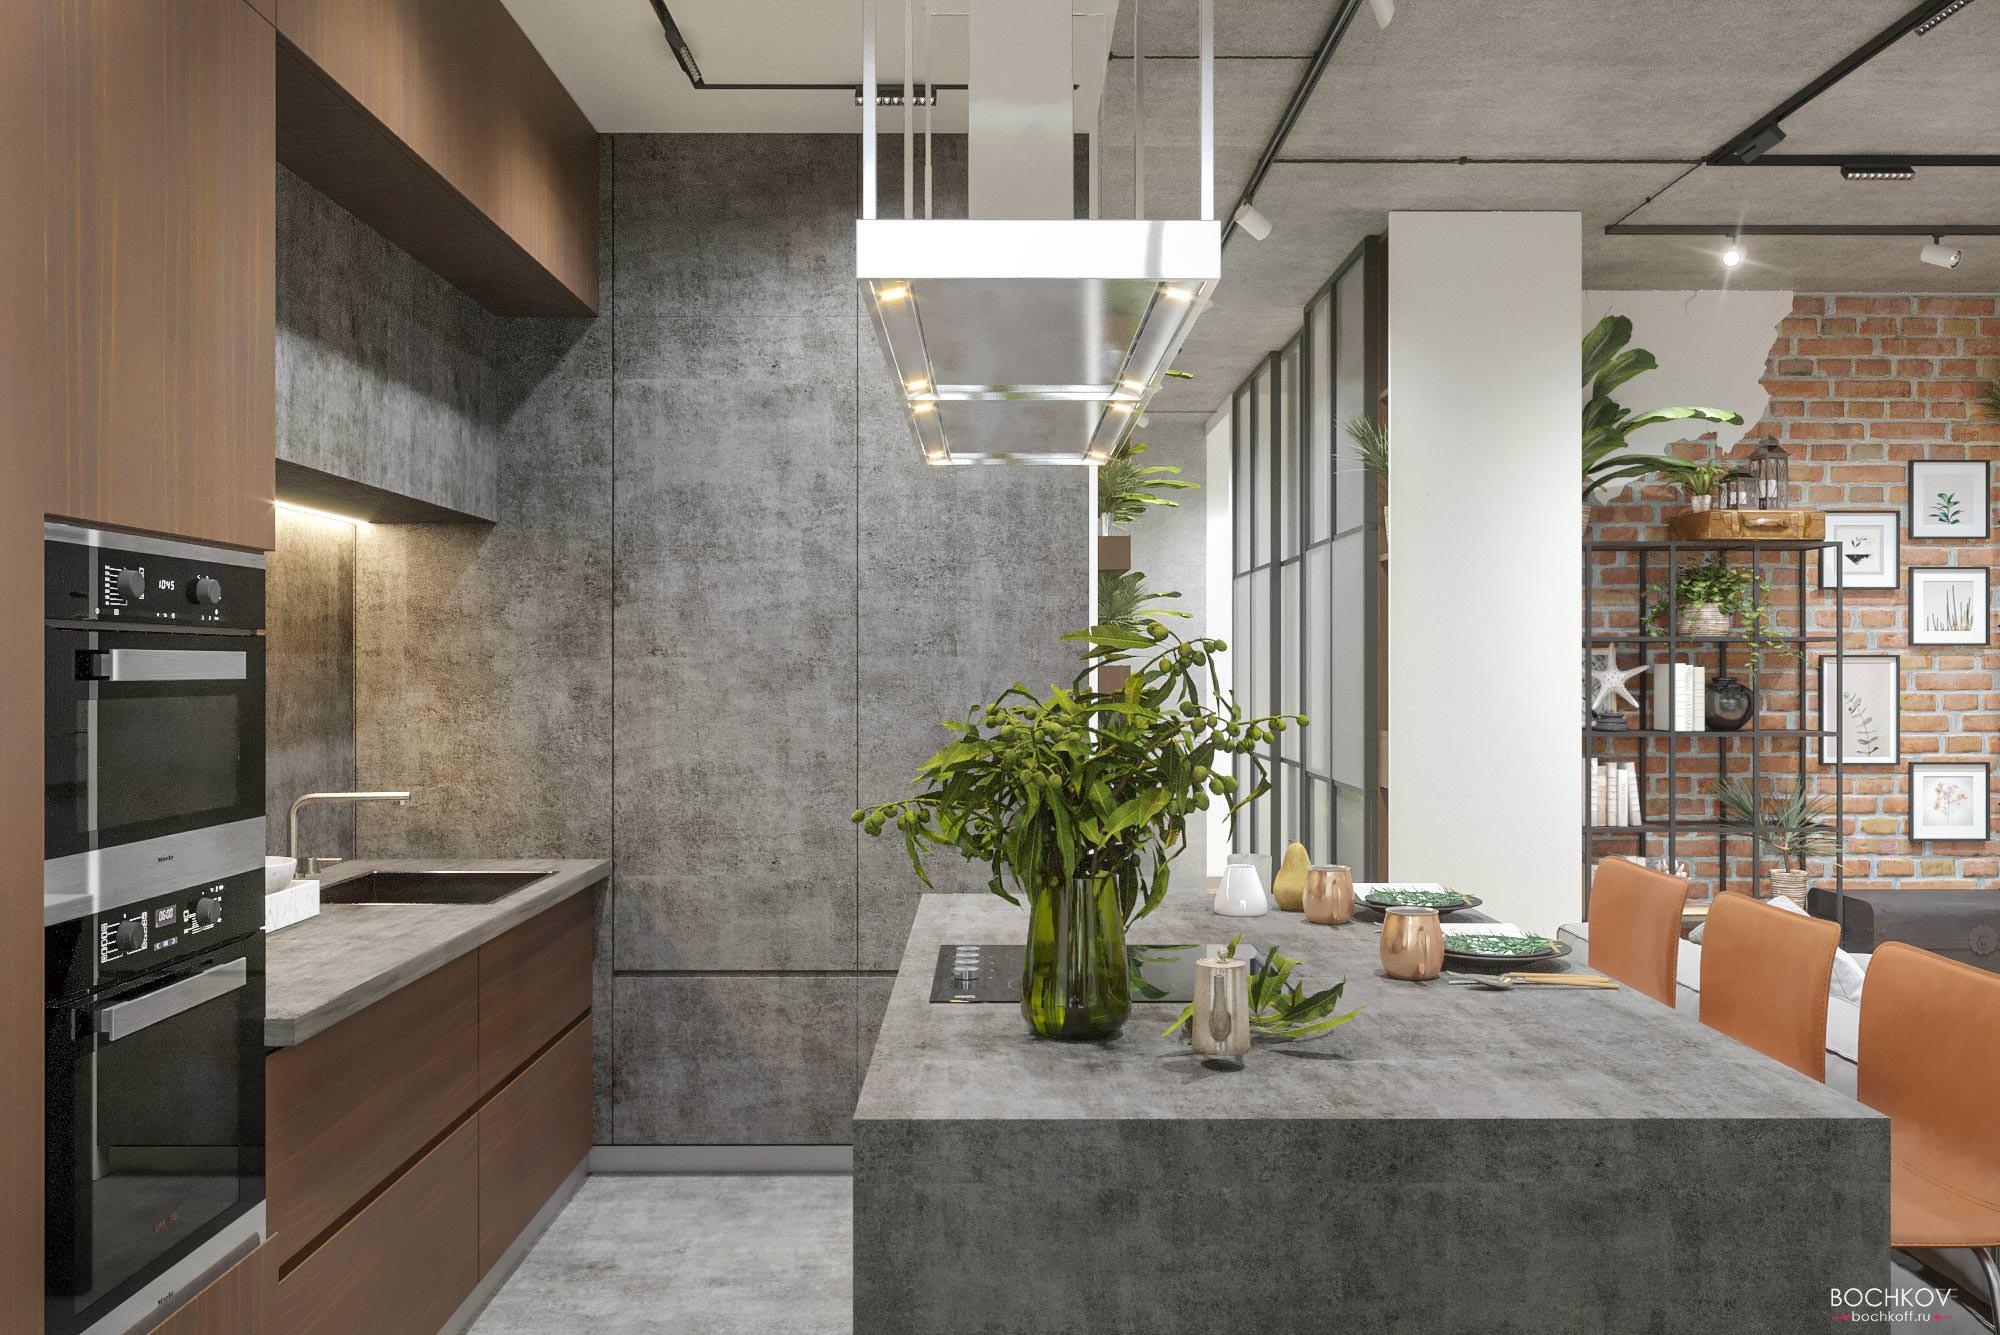 Общий план кухни, Дизайн интерьера в ЖК Макаровский 2020г.